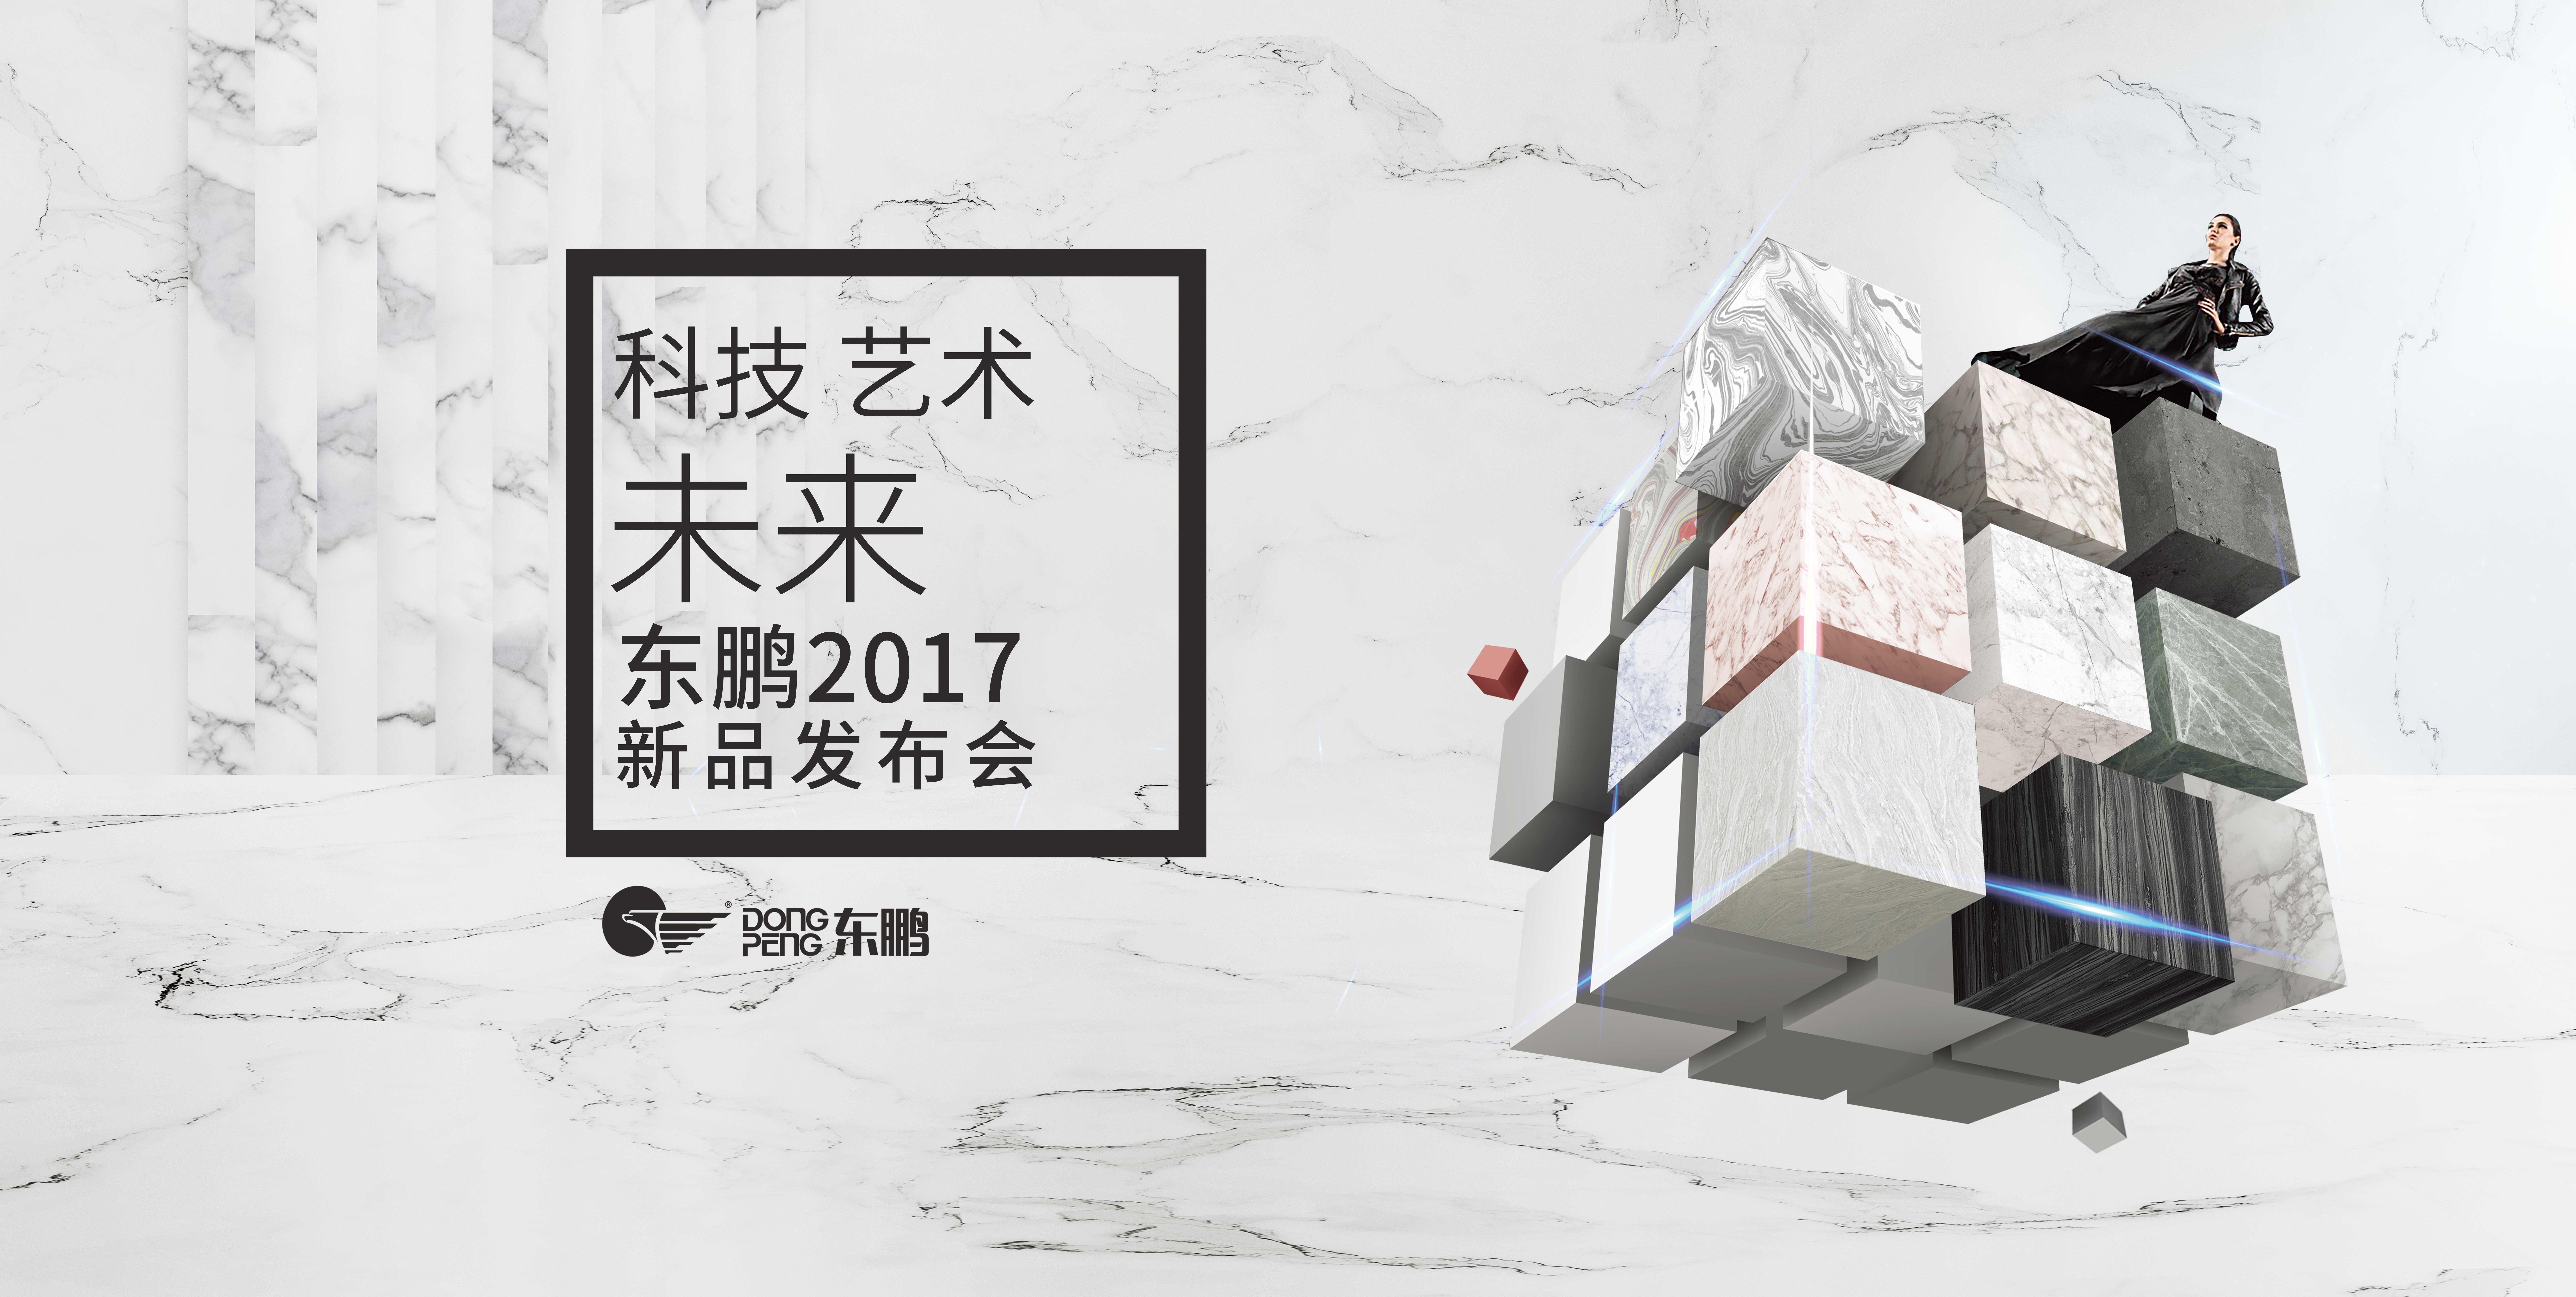 腾讯直播丨科技艺术未来 东鹏2017新品发布会